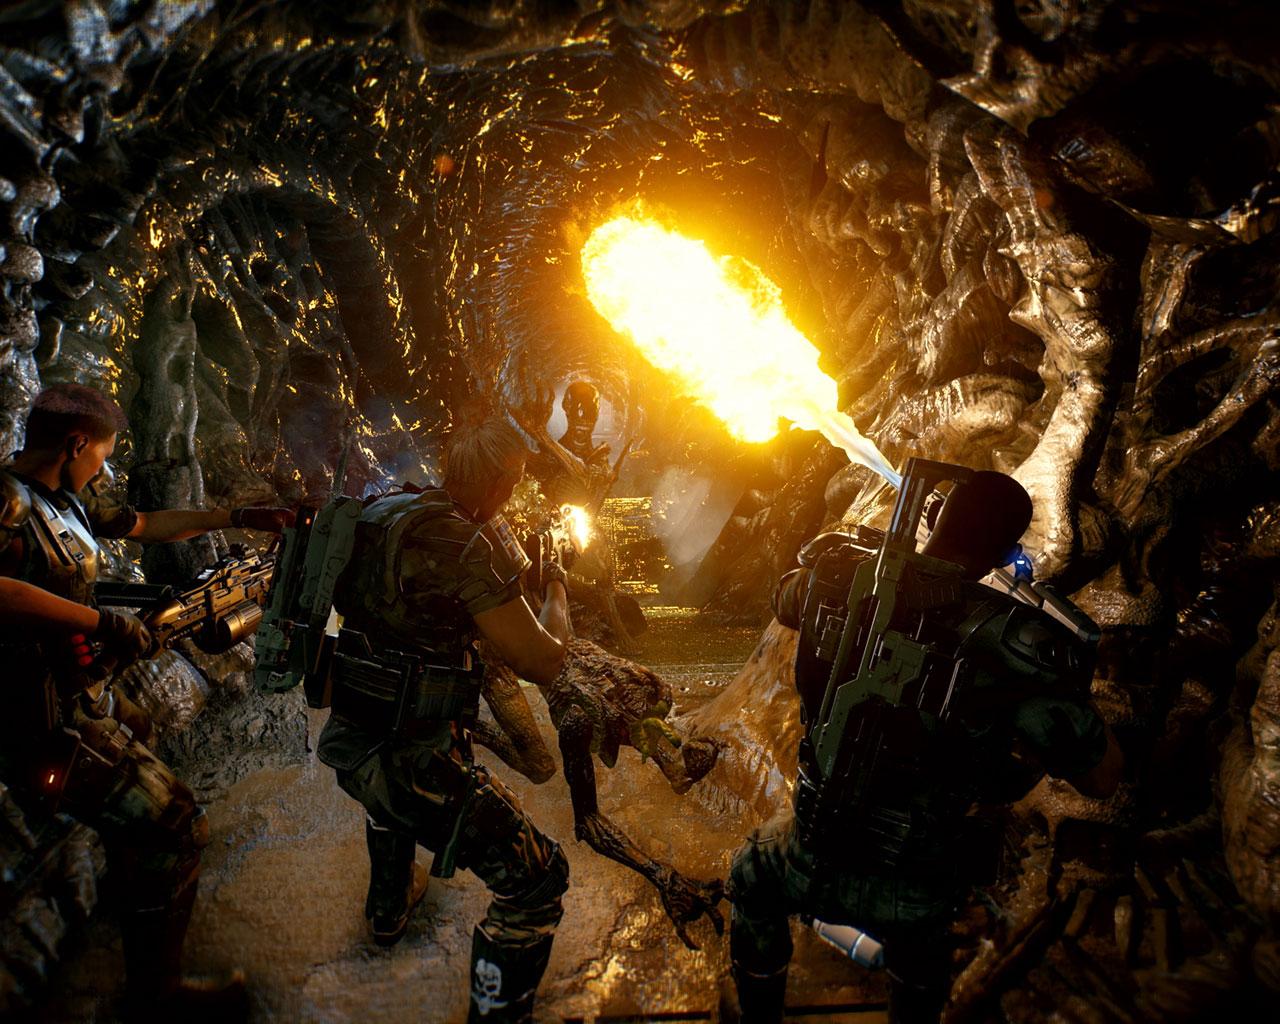 Free Aliens: Fireteam Elite Wallpaper in 1280x1024